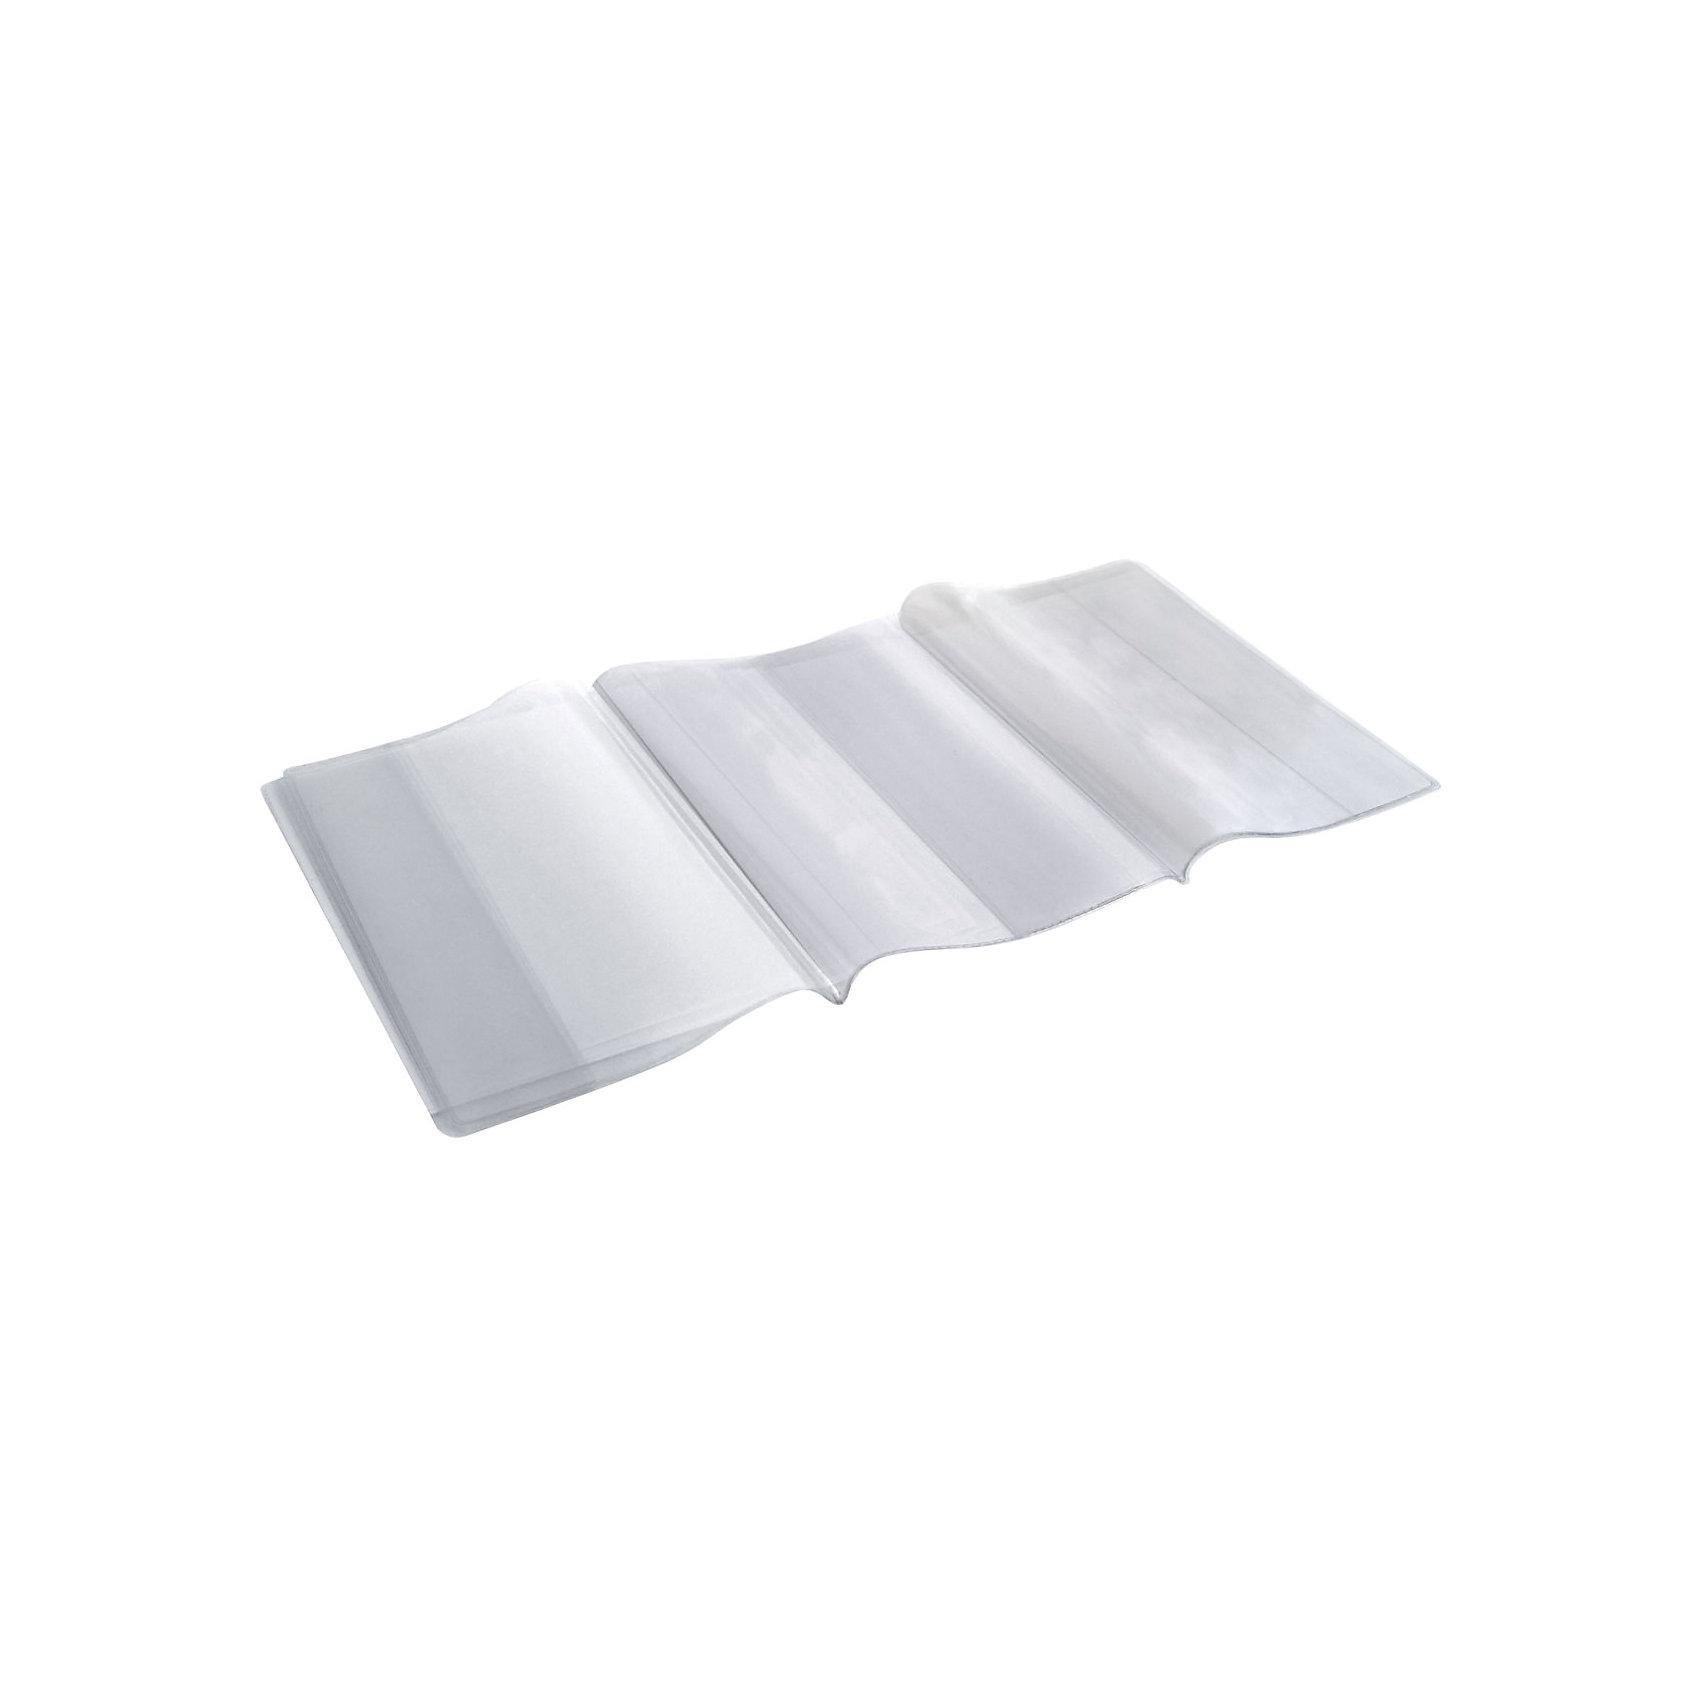 Panta Plast Набор обложек универсальных для учебников, 5 штукШкольные аксессуары<br>Характеристики товара:<br><br>• в комплекте: 5 обложек;<br>• материал: ПВХ;<br>• плотность: 150 мкм;<br>• размер упаковки: 23х46,5 см;<br>• вес: 48 грамм;<br>• возраст: от 6 лет.<br><br>Обложки Panta Plast защитят учебники от изнашивания и загрязнения, сохраняя опрятный внешний вид на весь учебный год.  В комплект входят 5 прозрачных обложек плотностью 150 мкм. Обложки подходят к учебникам любой толщины.<br><br>Panta Plast (Панта Пласт) Набор обложек универсальных для учебников, 5 штук можно купить в нашем интернет-магазине.<br><br>Ширина мм: 465<br>Глубина мм: 230<br>Высота мм: 9999<br>Вес г: 48<br>Возраст от месяцев: 84<br>Возраст до месяцев: 156<br>Пол: Унисекс<br>Возраст: Детский<br>SKU: 6858979